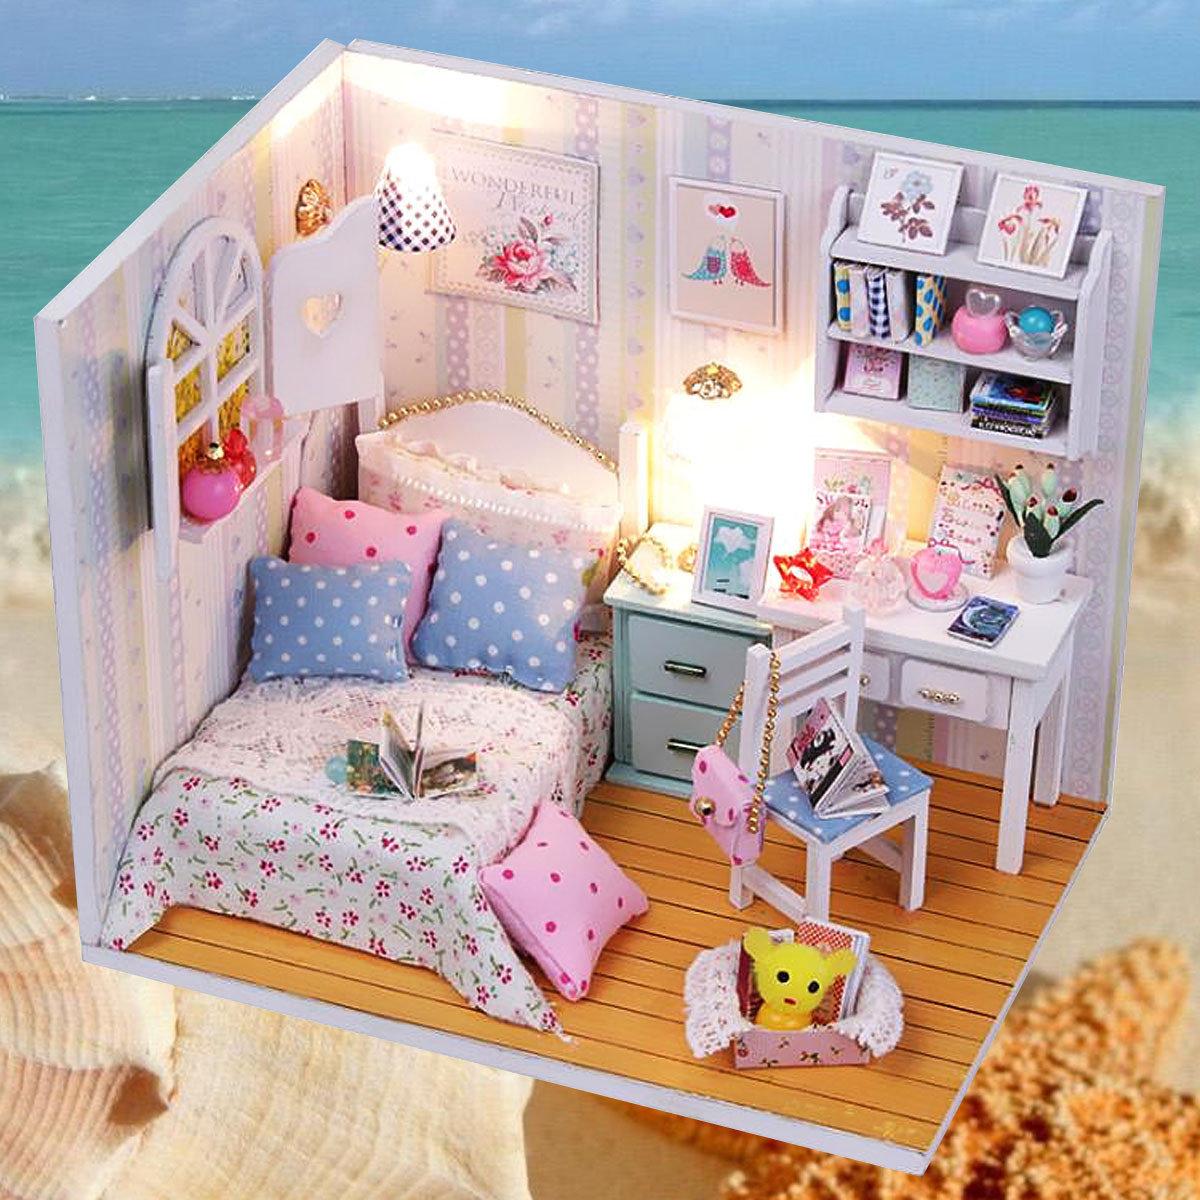 एलईडी फर्नीचर कवर गुड़िया हाउस रूम के साथ हूमेड़ा स्वीट टाइम DIY डॉलहाउस लघु